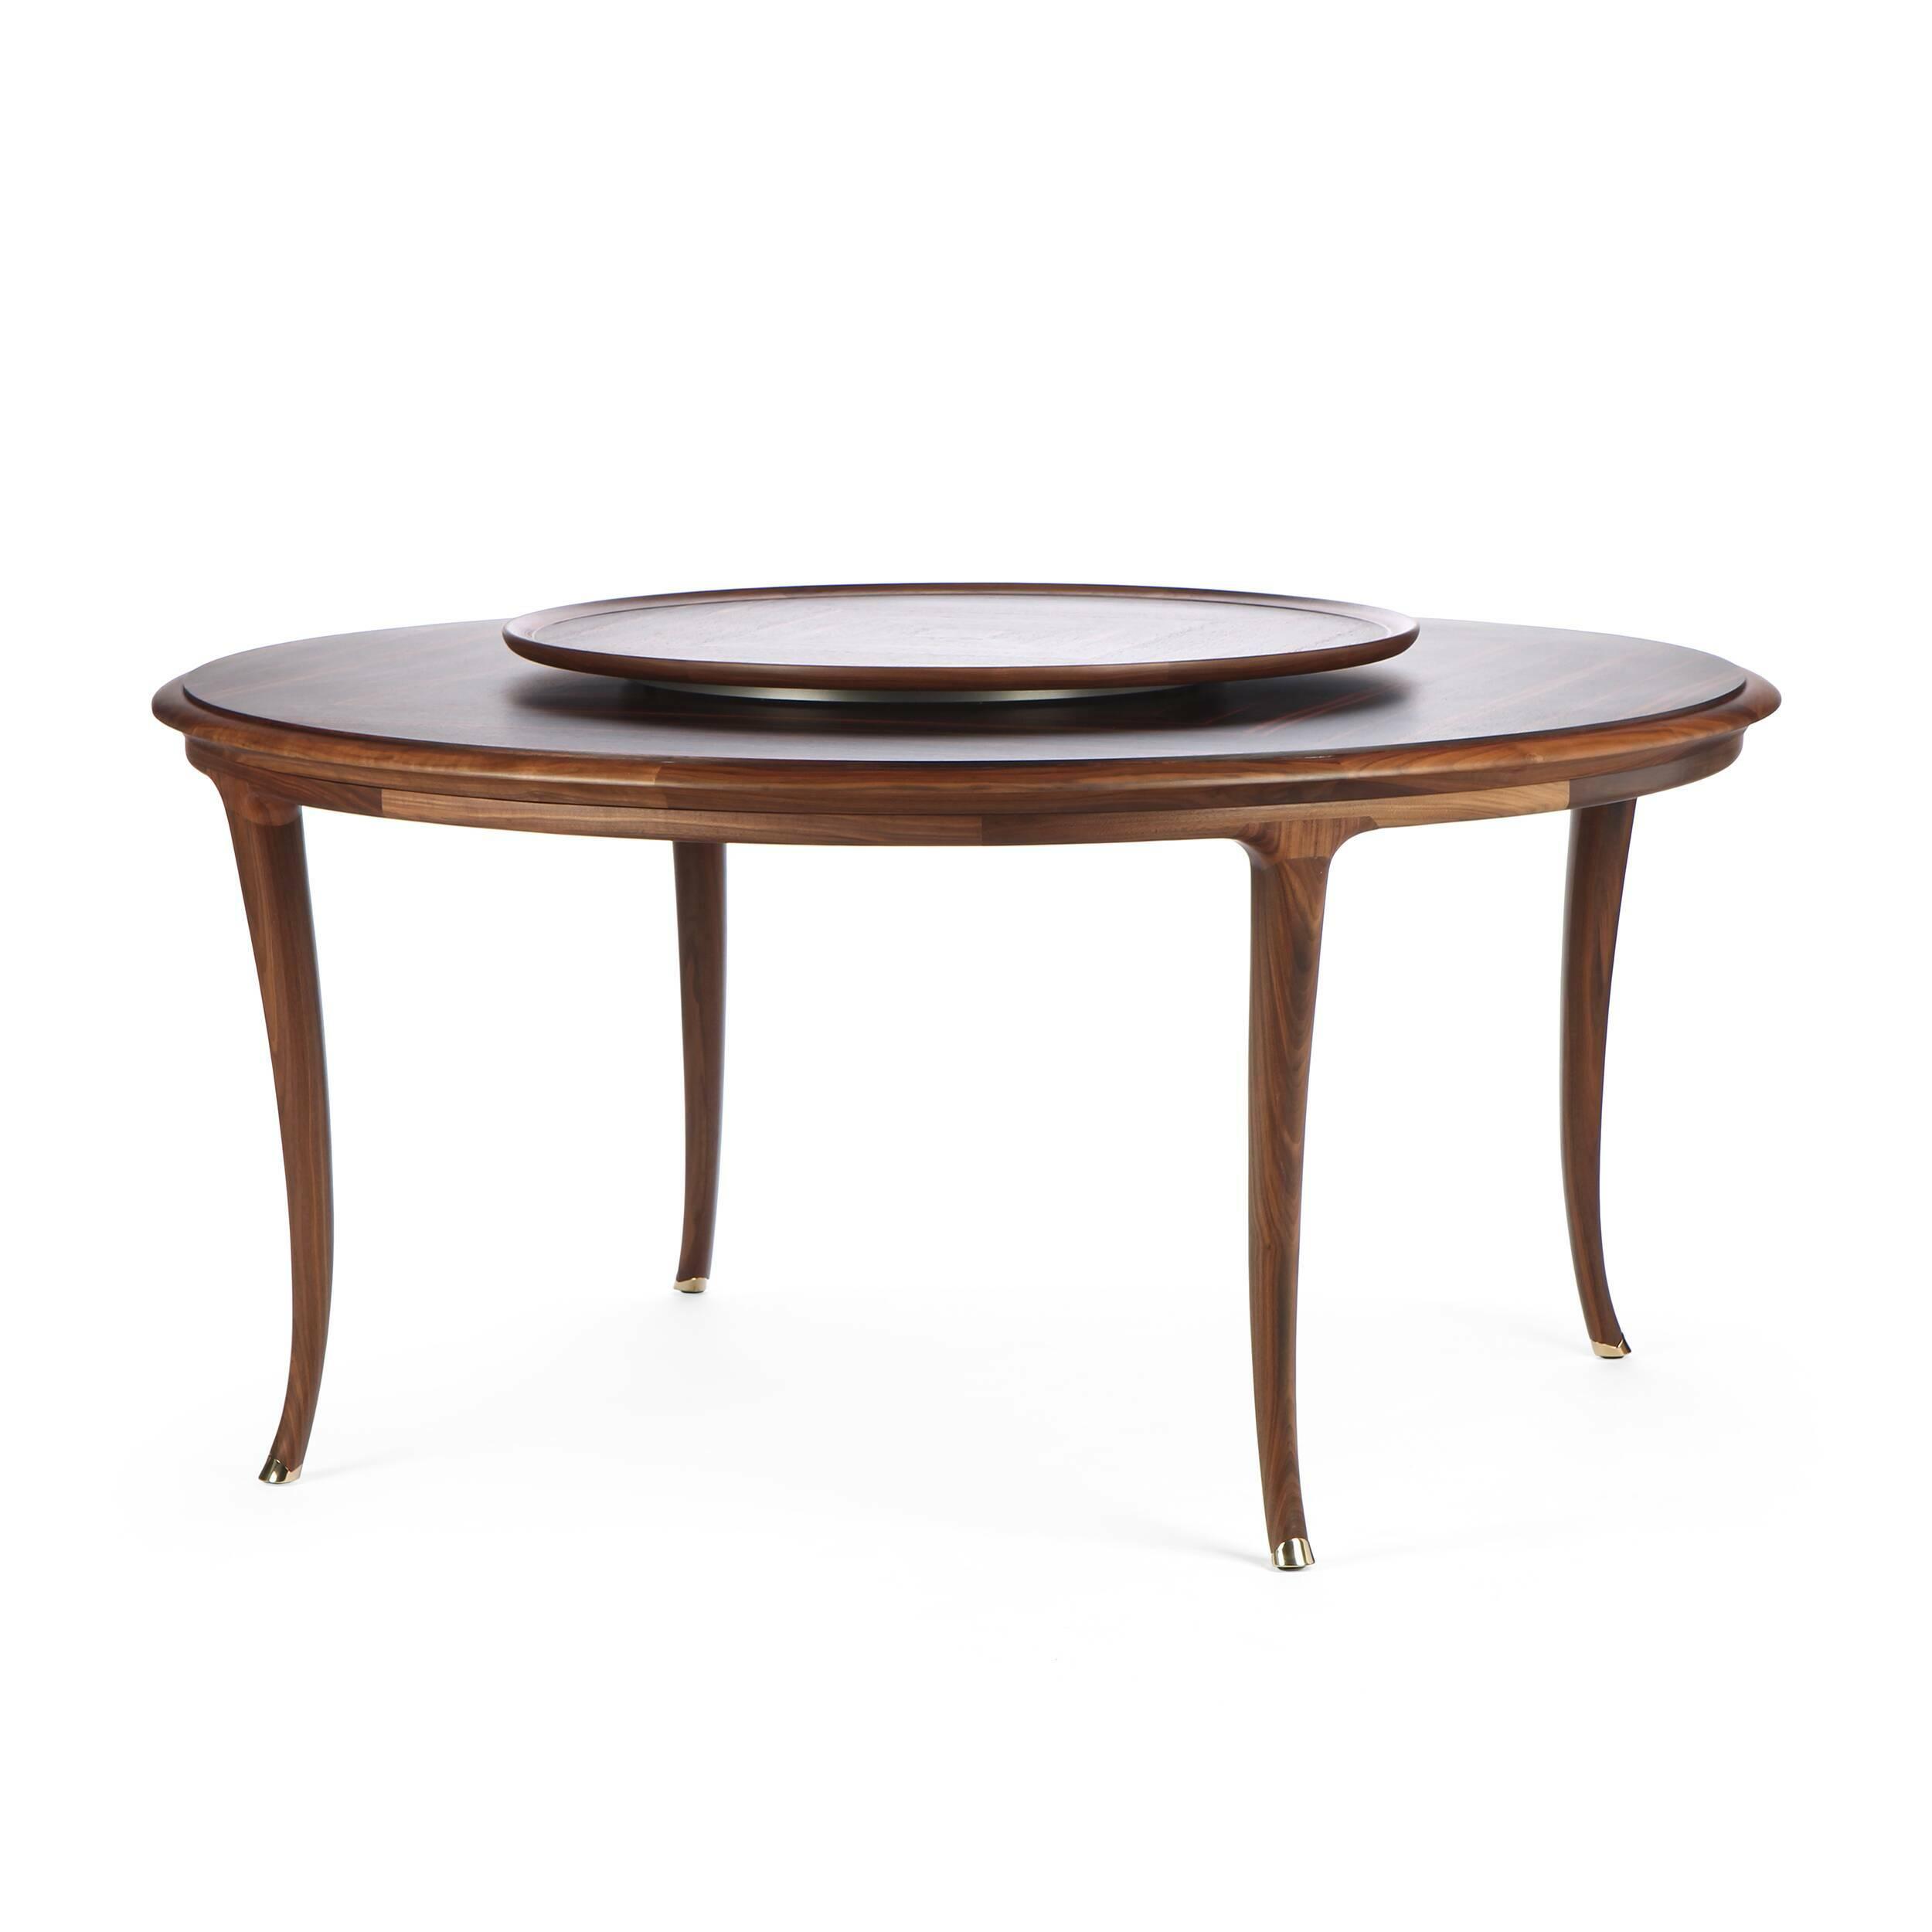 Обеденный стол LussoОбеденные<br>Дизайнерская круглый обеденный деревянны стол Lusso (Луссо) из массива ореха на тонких изогнутых ножках от Cosmo (Космо).Обеденный стол Lusso — изящная классическая модель стола, которая бесспорно украсит собой любую просторную залу. Дизайн стола лаконичен, но при этом он очень выразительный. Благодаря тонким изогнутым ножкам, текстуре натурального дерева и необычной форме столешницы стол безусловно подойдет к классическому интерьеру. <br> <br> Оригинальный стол изготовлен из натуральной древесин...<br><br>stock: 1<br>Высота: 76<br>Диаметр: 160<br>Тип производства: Ручное производство<br>Материал каркаса: Массив ореха<br>Тип материала каркаса: Дерево<br>Цвет каркаса: Орех американский